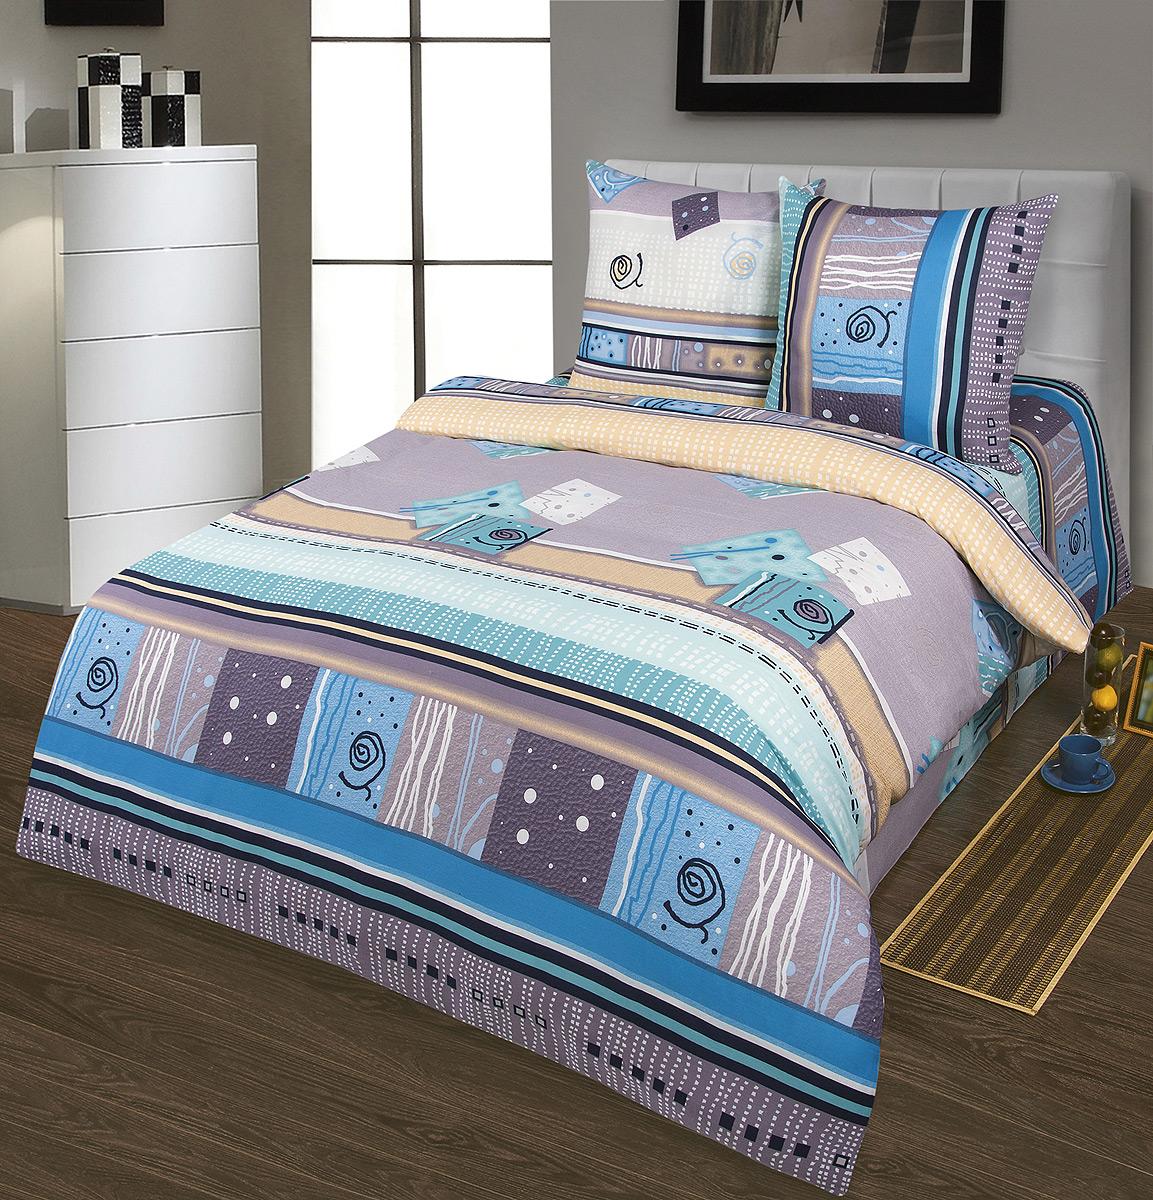 Комплект белья Шоколад Мираж, 1,5-спальный, наволочки 70x70. Б1001501000671Комплект постельного белья Шоколад Мираж является экологически безопасным для всей семьи, так как выполнен из натурального хлопка. Комплект состоит из пододеяльника, простыни и двух наволочек. Постельное белье оформлено оригинальным рисунком и имеет изысканный внешний вид.Бязь - это ткань полотняного переплетения, изготовленная из экологически чистого и натурального 100% хлопка. Она прочная, мягкая, обладает низкой сминаемостью, легко стирается и хорошо гладится. Бязь прекрасно пропускает воздух и за ней легко ухаживать. При соблюдении рекомендуемых условий стирки, сушки и глажения ткань имеет усадку по ГОСТу, сохранятся яркость текстильных рисунков. Приобретая комплект постельного белья Шоколад Мираж, вы можете быть уверены в том, что покупка доставит вам и вашим близким удовольствие иподарит максимальный комфорт.